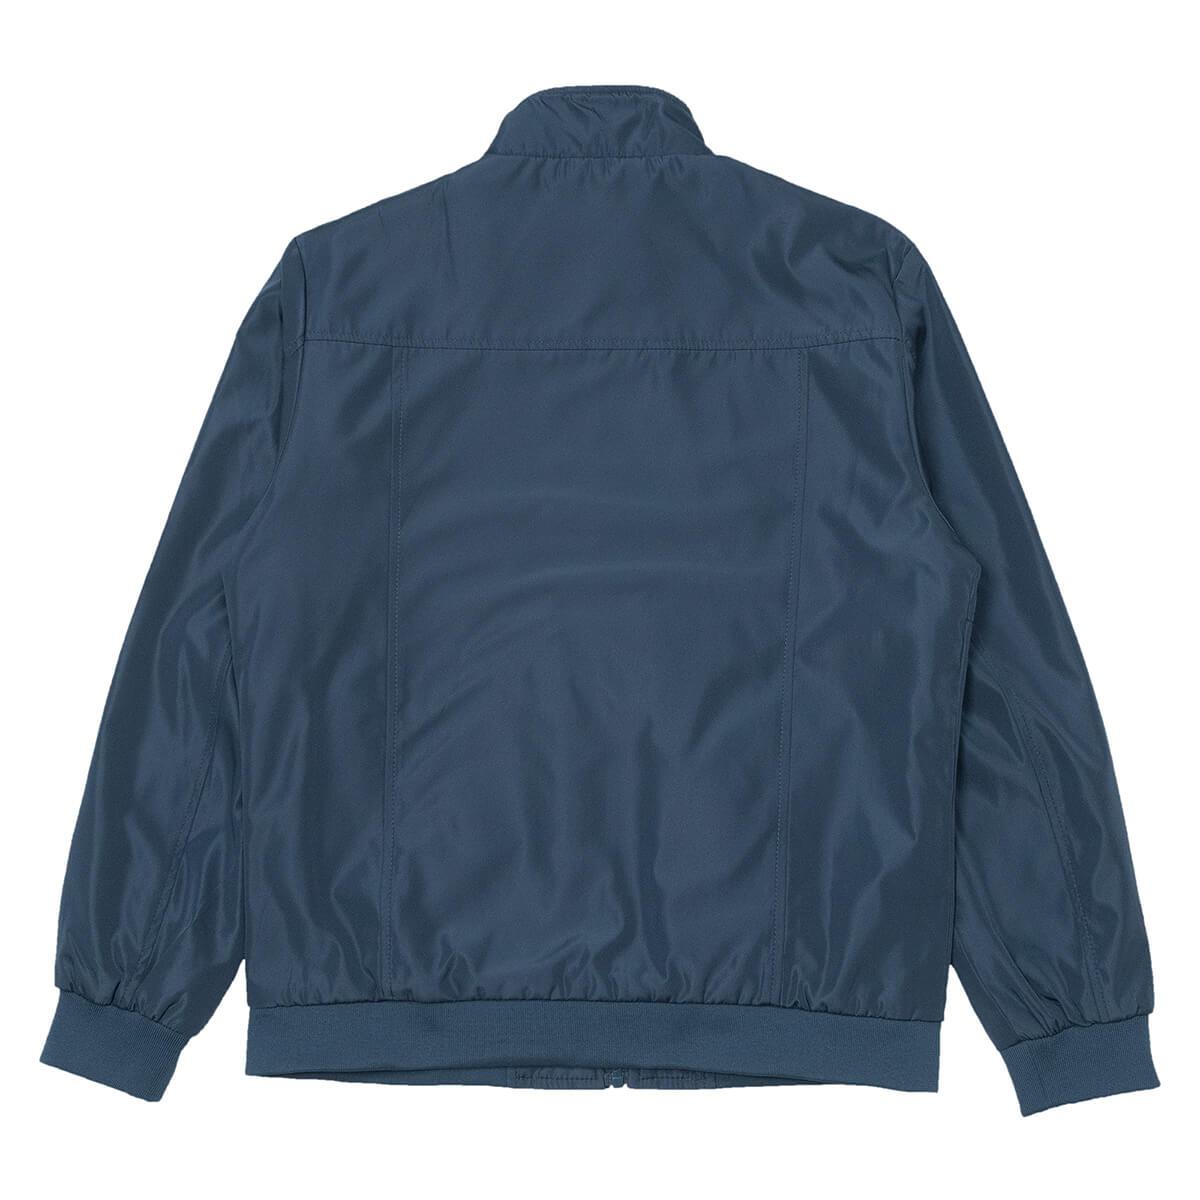 軍裝外套 修身夾克外套 立領素面外套 鈕扣肩章外套 格紋內裡薄外套 防風外套 潮流時尚休閒外套 風衣外套 黑色外套 Military Jacket Men's Jackets Windproof Jackets Button-up Epaulets (321-8025-01)咖啡色、(321-8025-02)藍綠色(321-8025-04)黑色  L XL 2L 3L 4L (胸圍109~124公分  43~49英吋) 男 [實體店面保障] sun-e 2